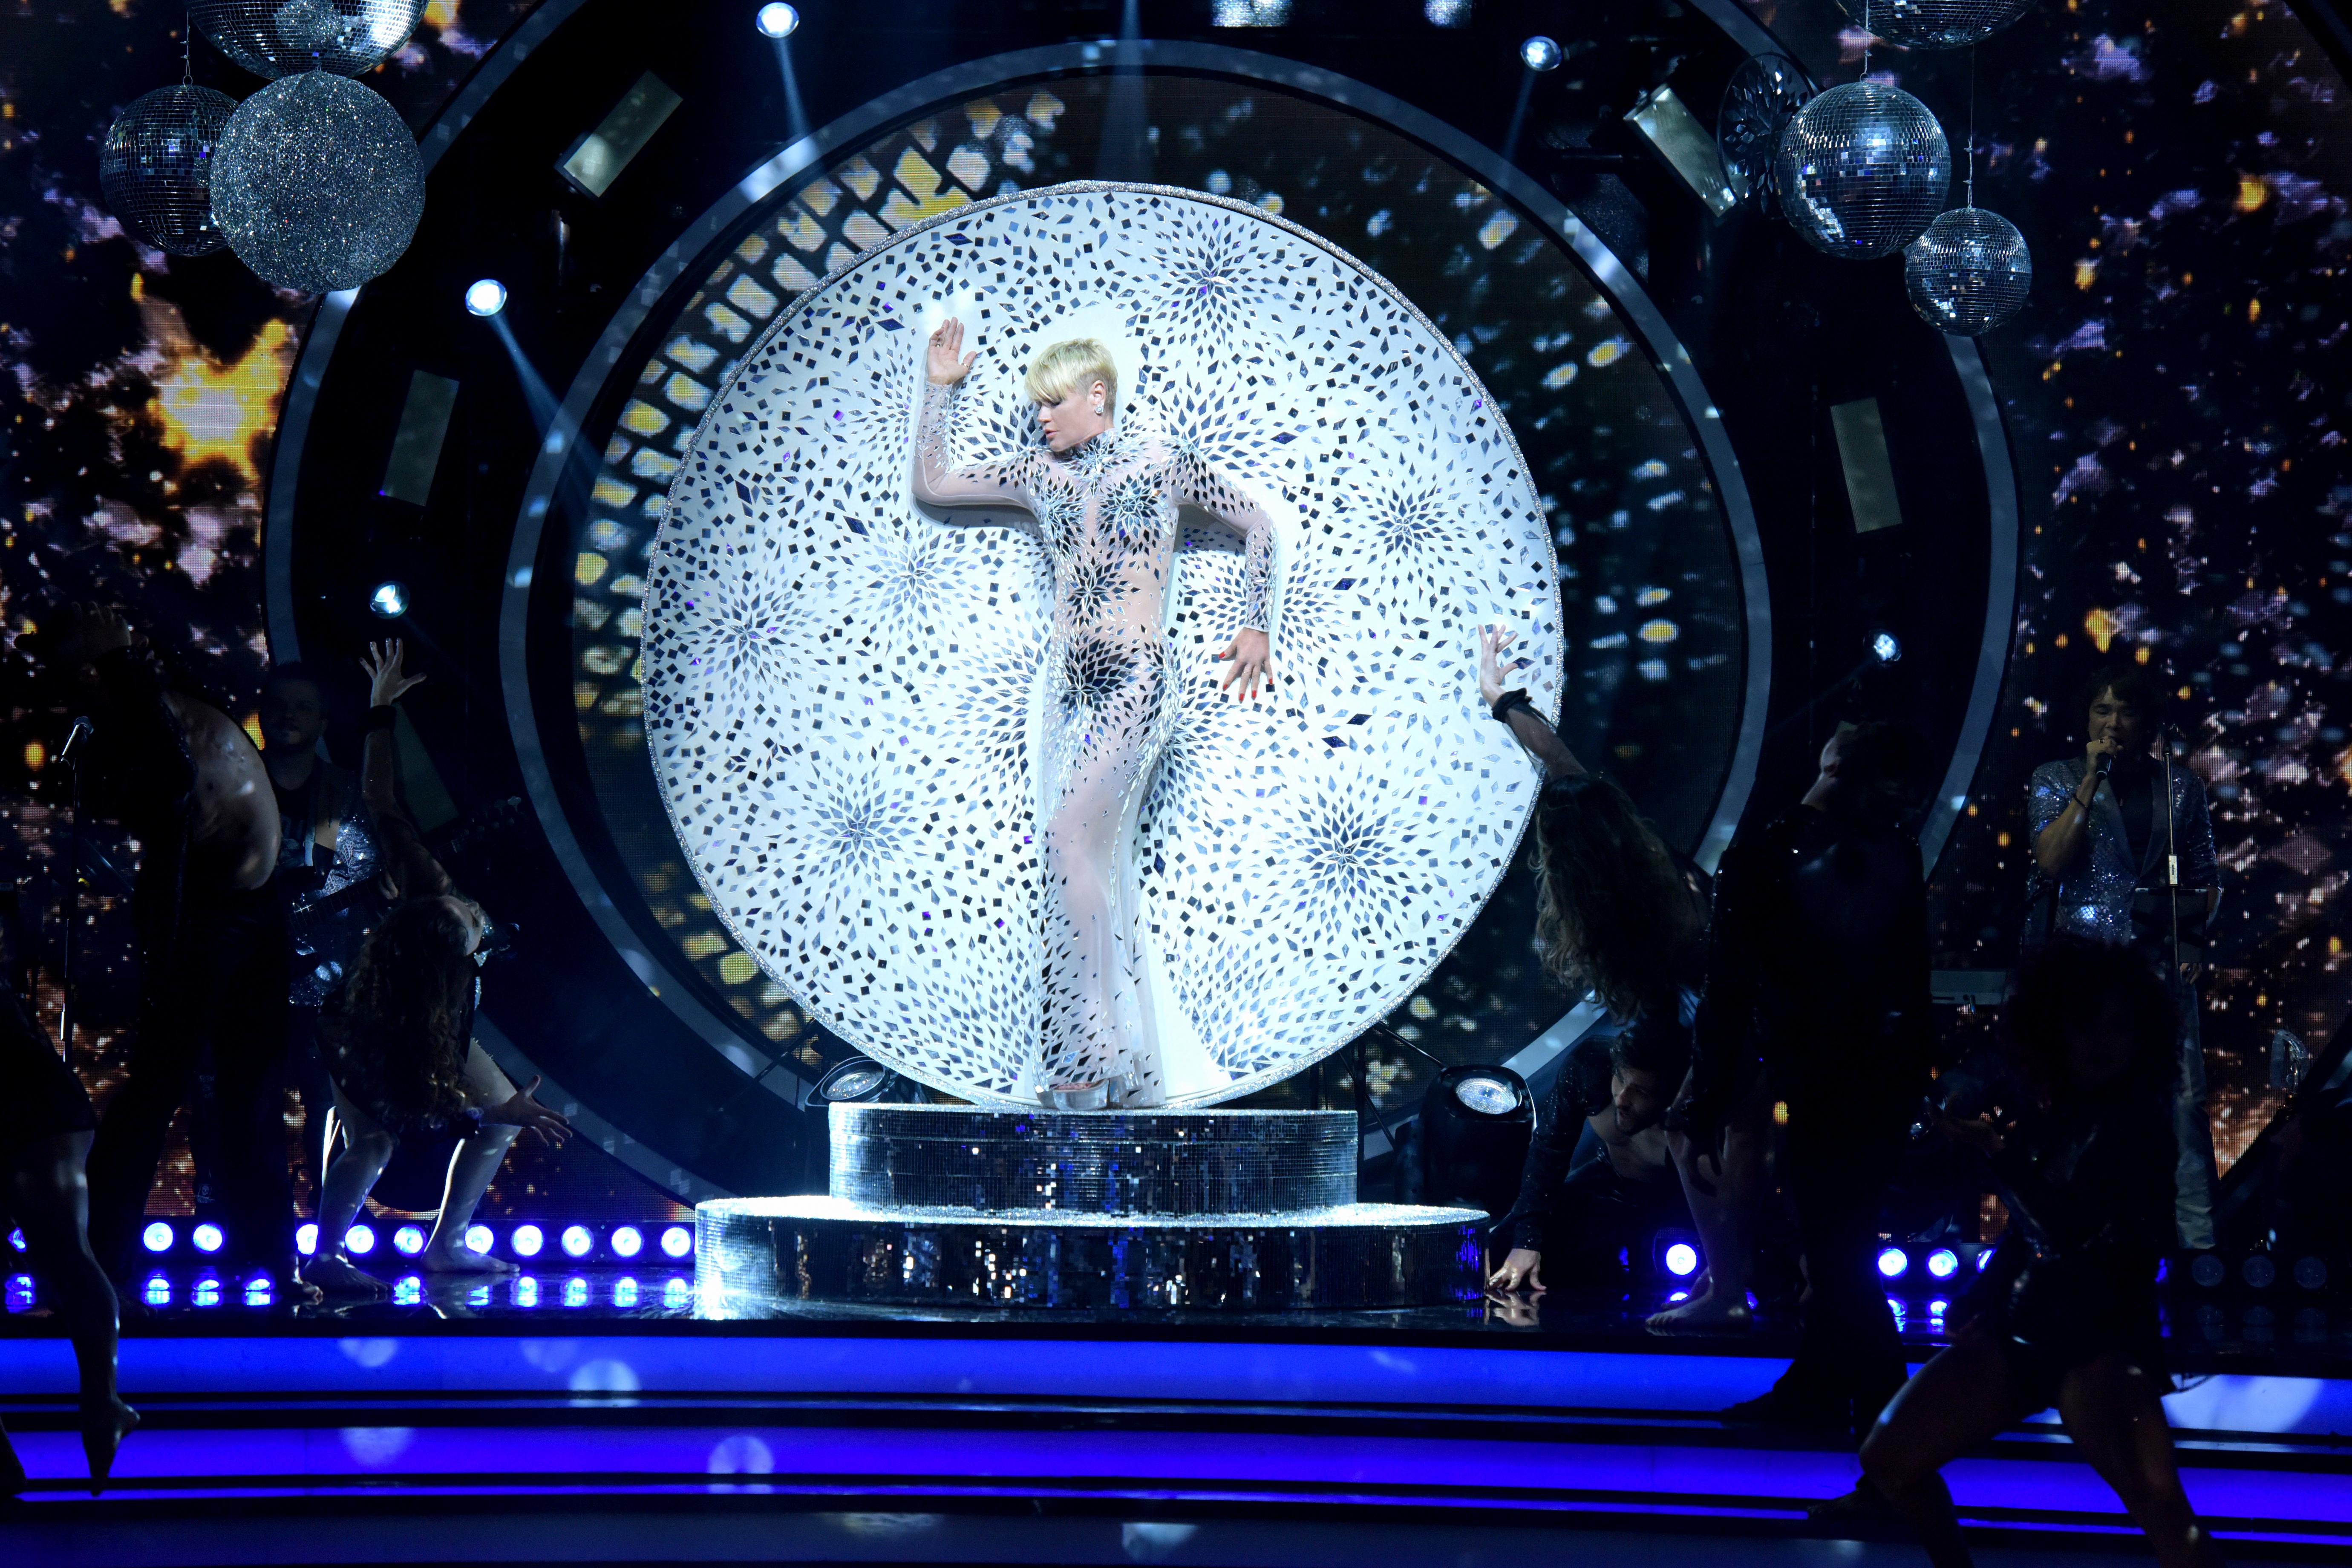 Dancing Brasil Especial de fim de ano: prêmio do vencedor, que será escolhido pelo público, será entregue a uma instituição de caridade (Crédito das fotos: Blad Meneghel)